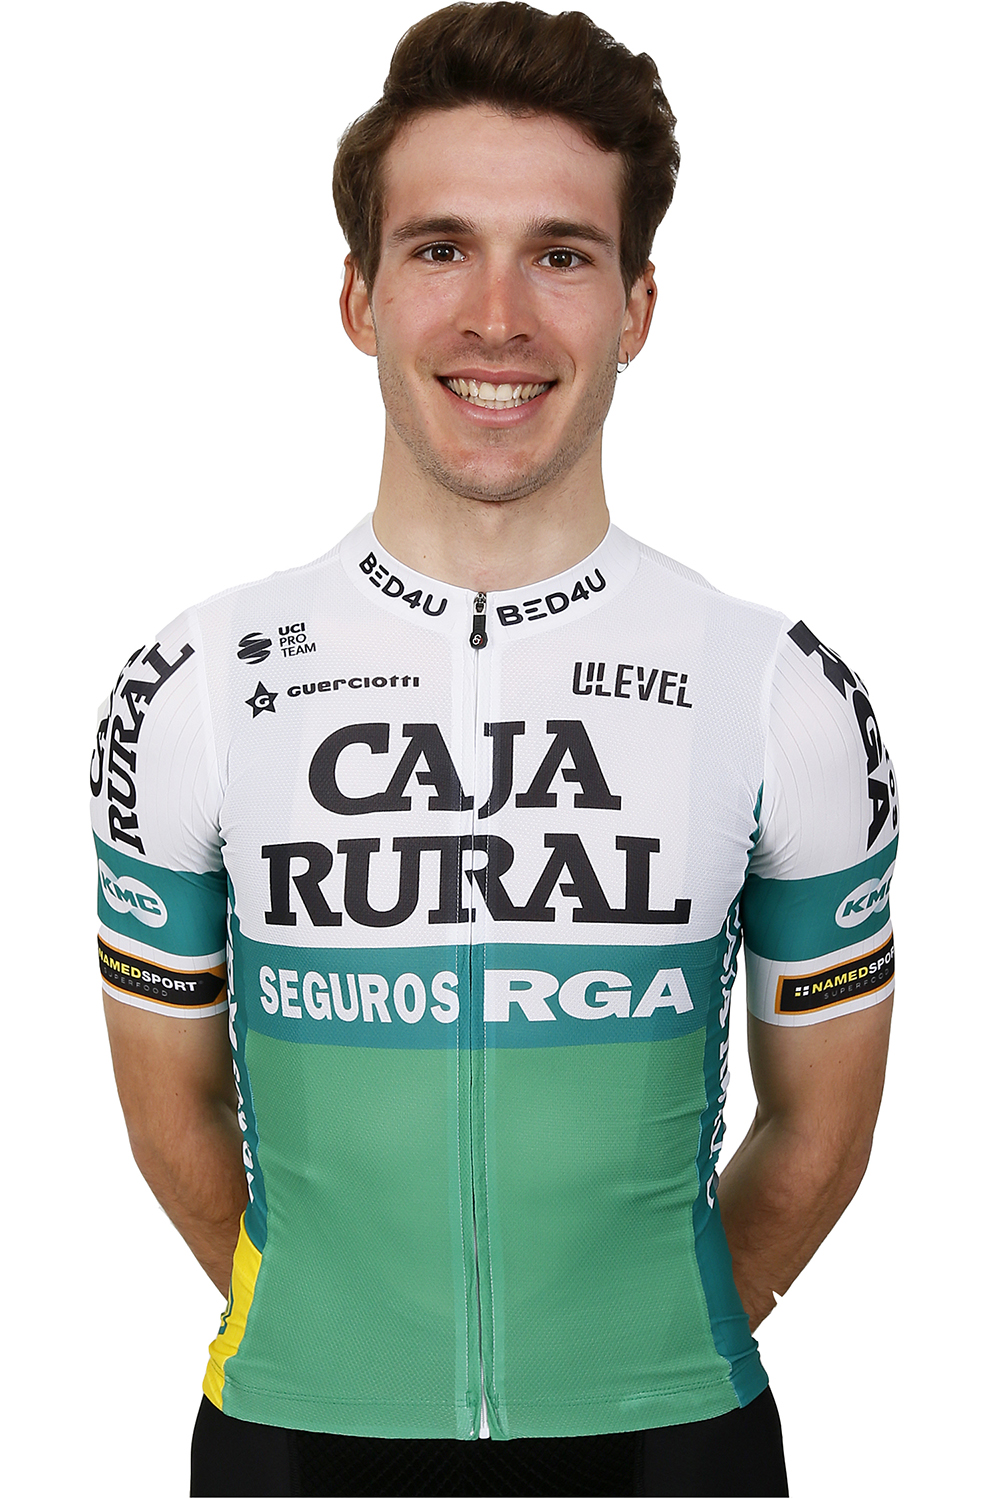 Nicolau Joel Caja Rural 2021